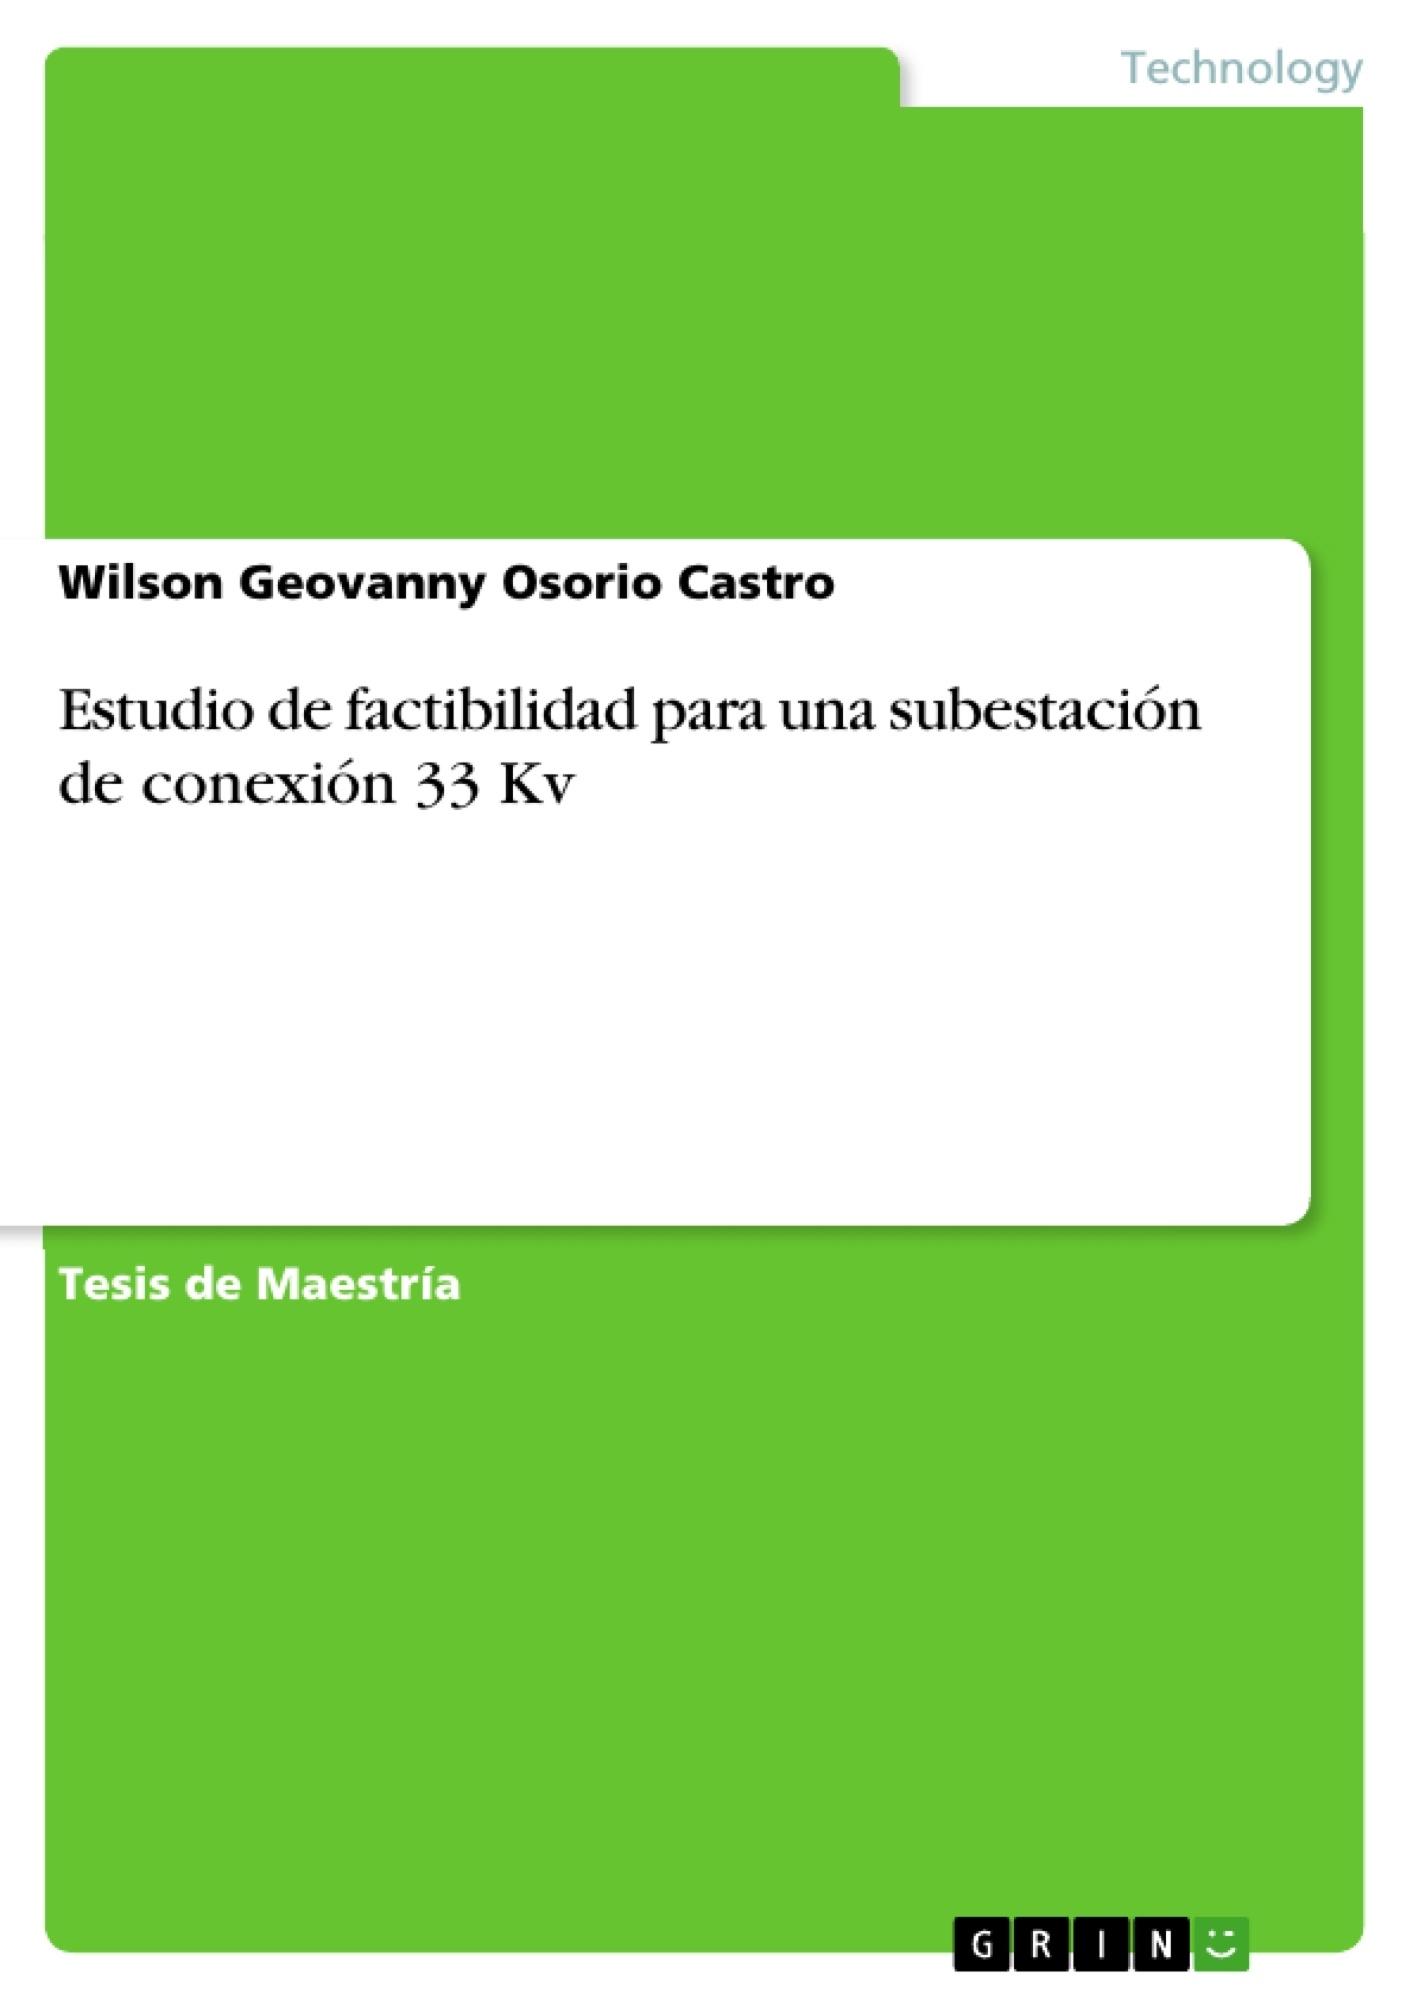 Título: Estudio de factibilidad para una subestación de conexión 33 Kv